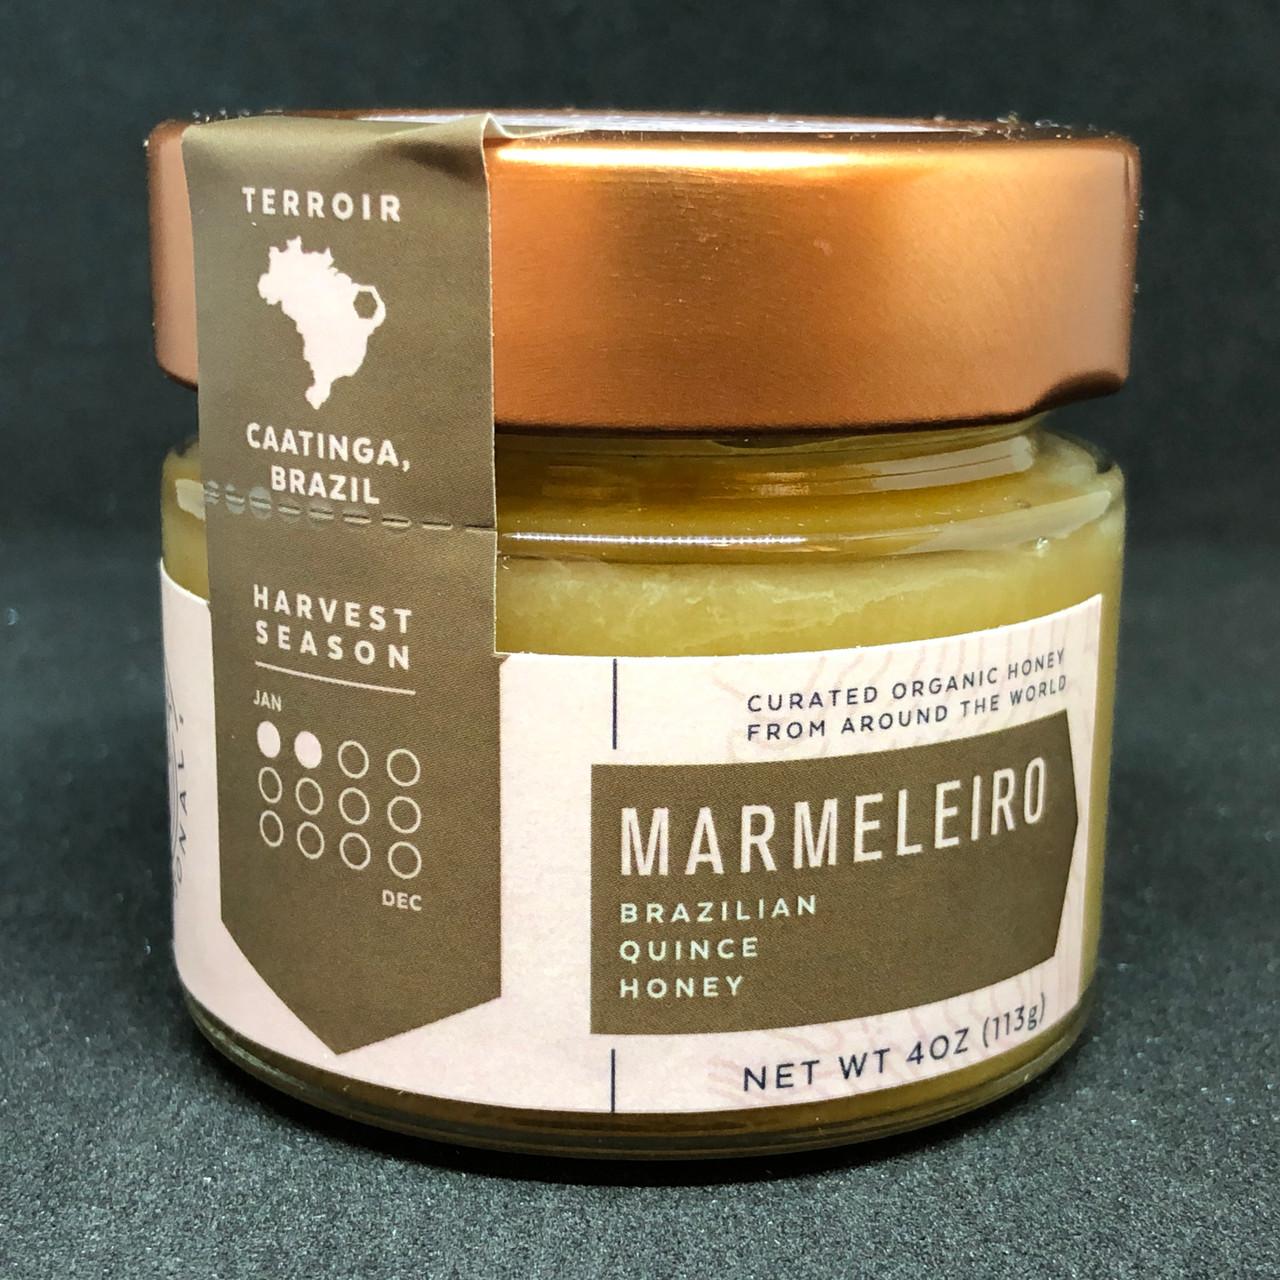 Marmeleiro Honey